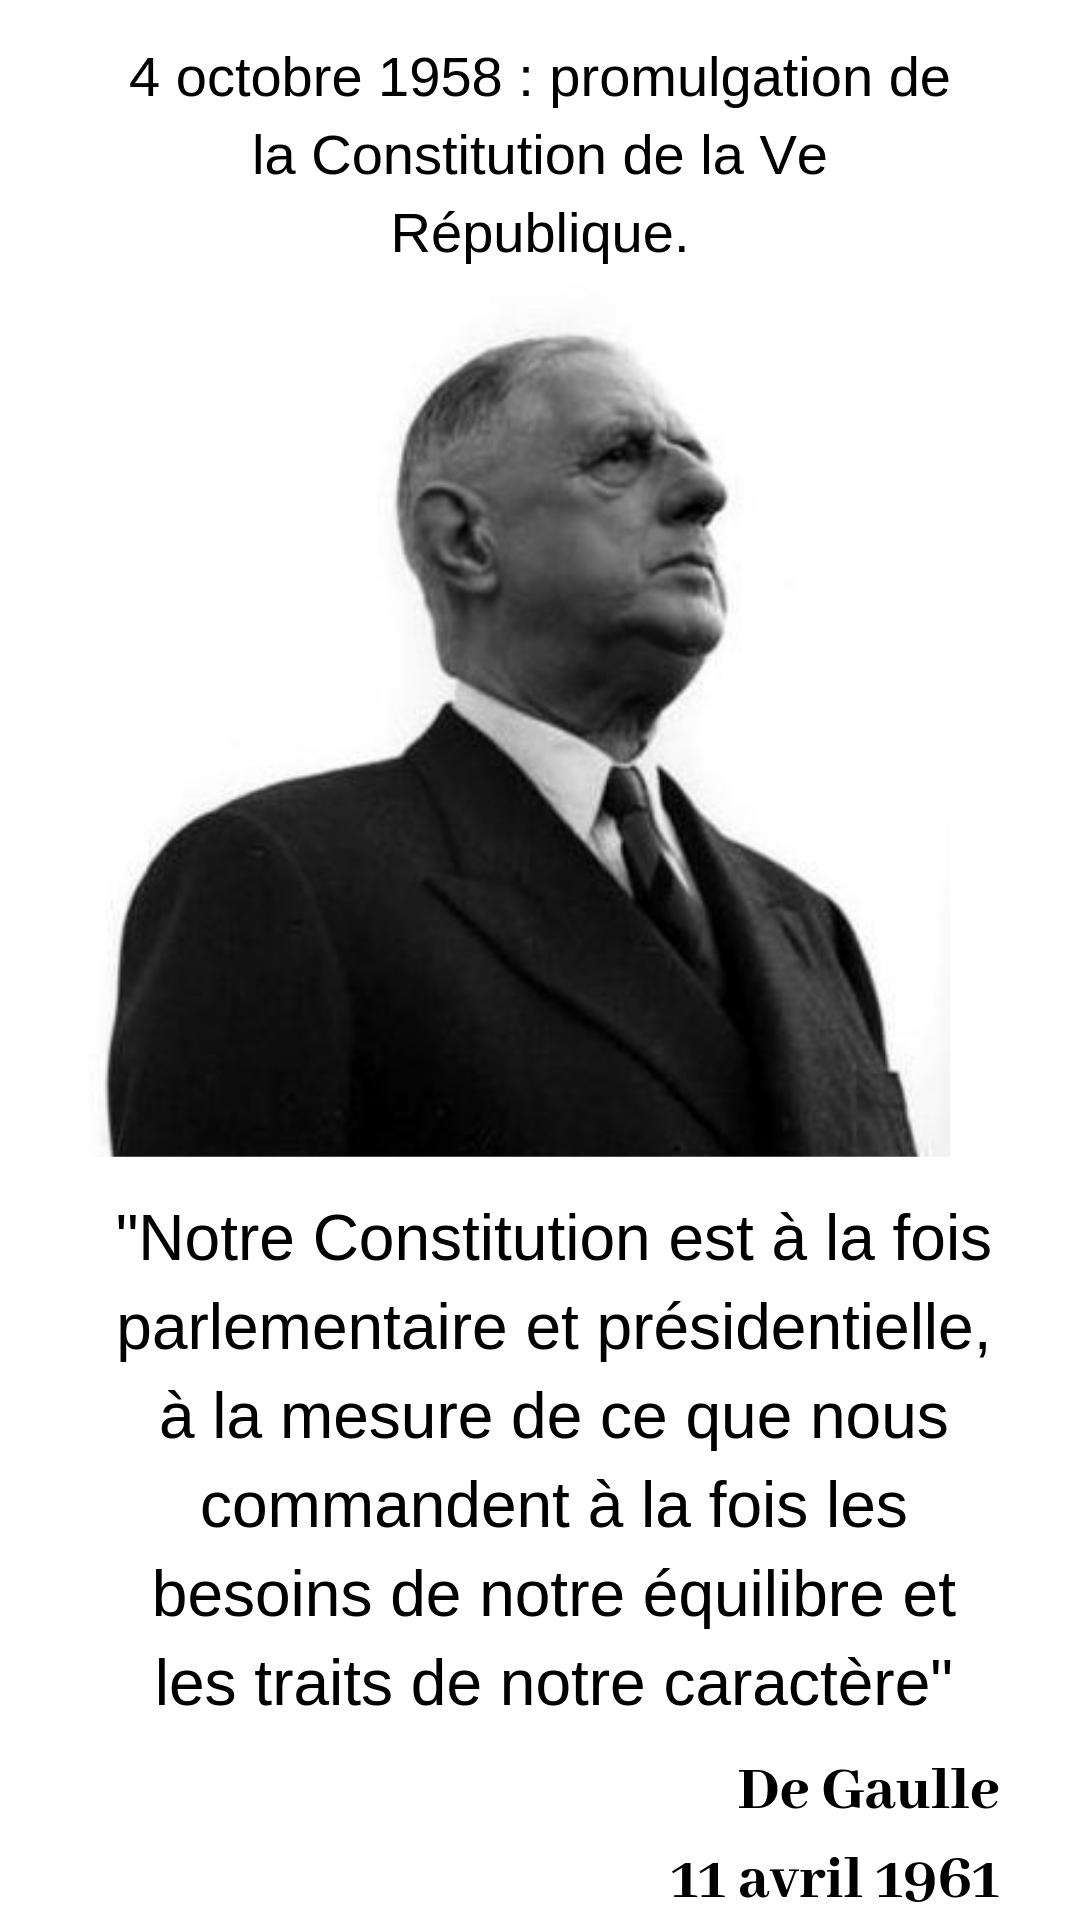 De Gaulle Notre Constitution Est A La Fois Parlementaire Et Presidentielle Citation Politique Histoire Des Etats Unis Gaulle